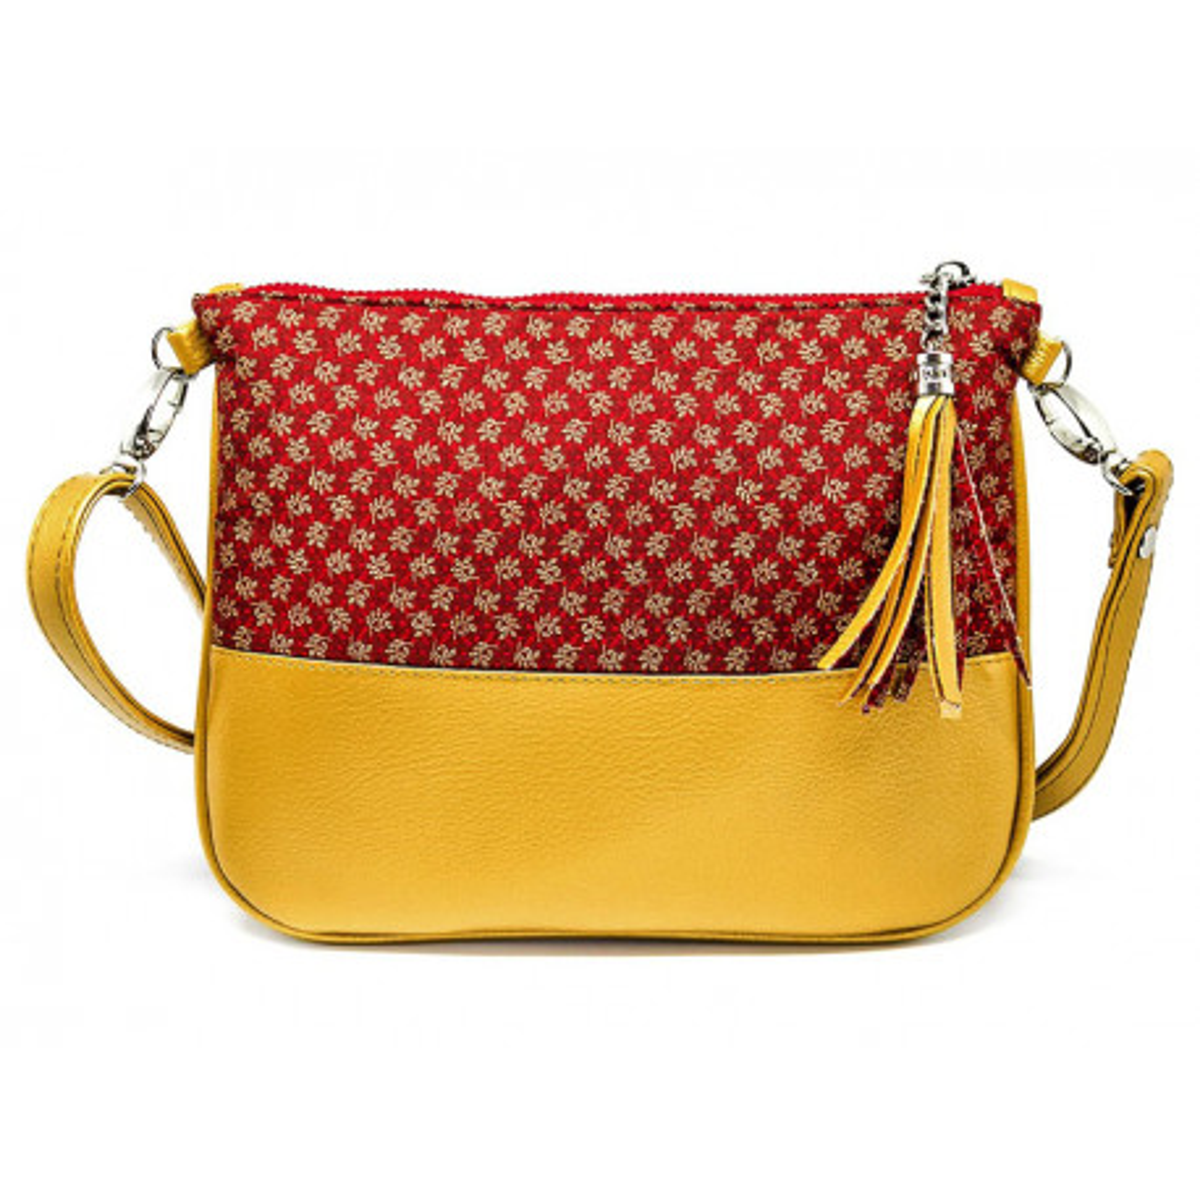 Sac à main pochette femme jaune et rouge carmin